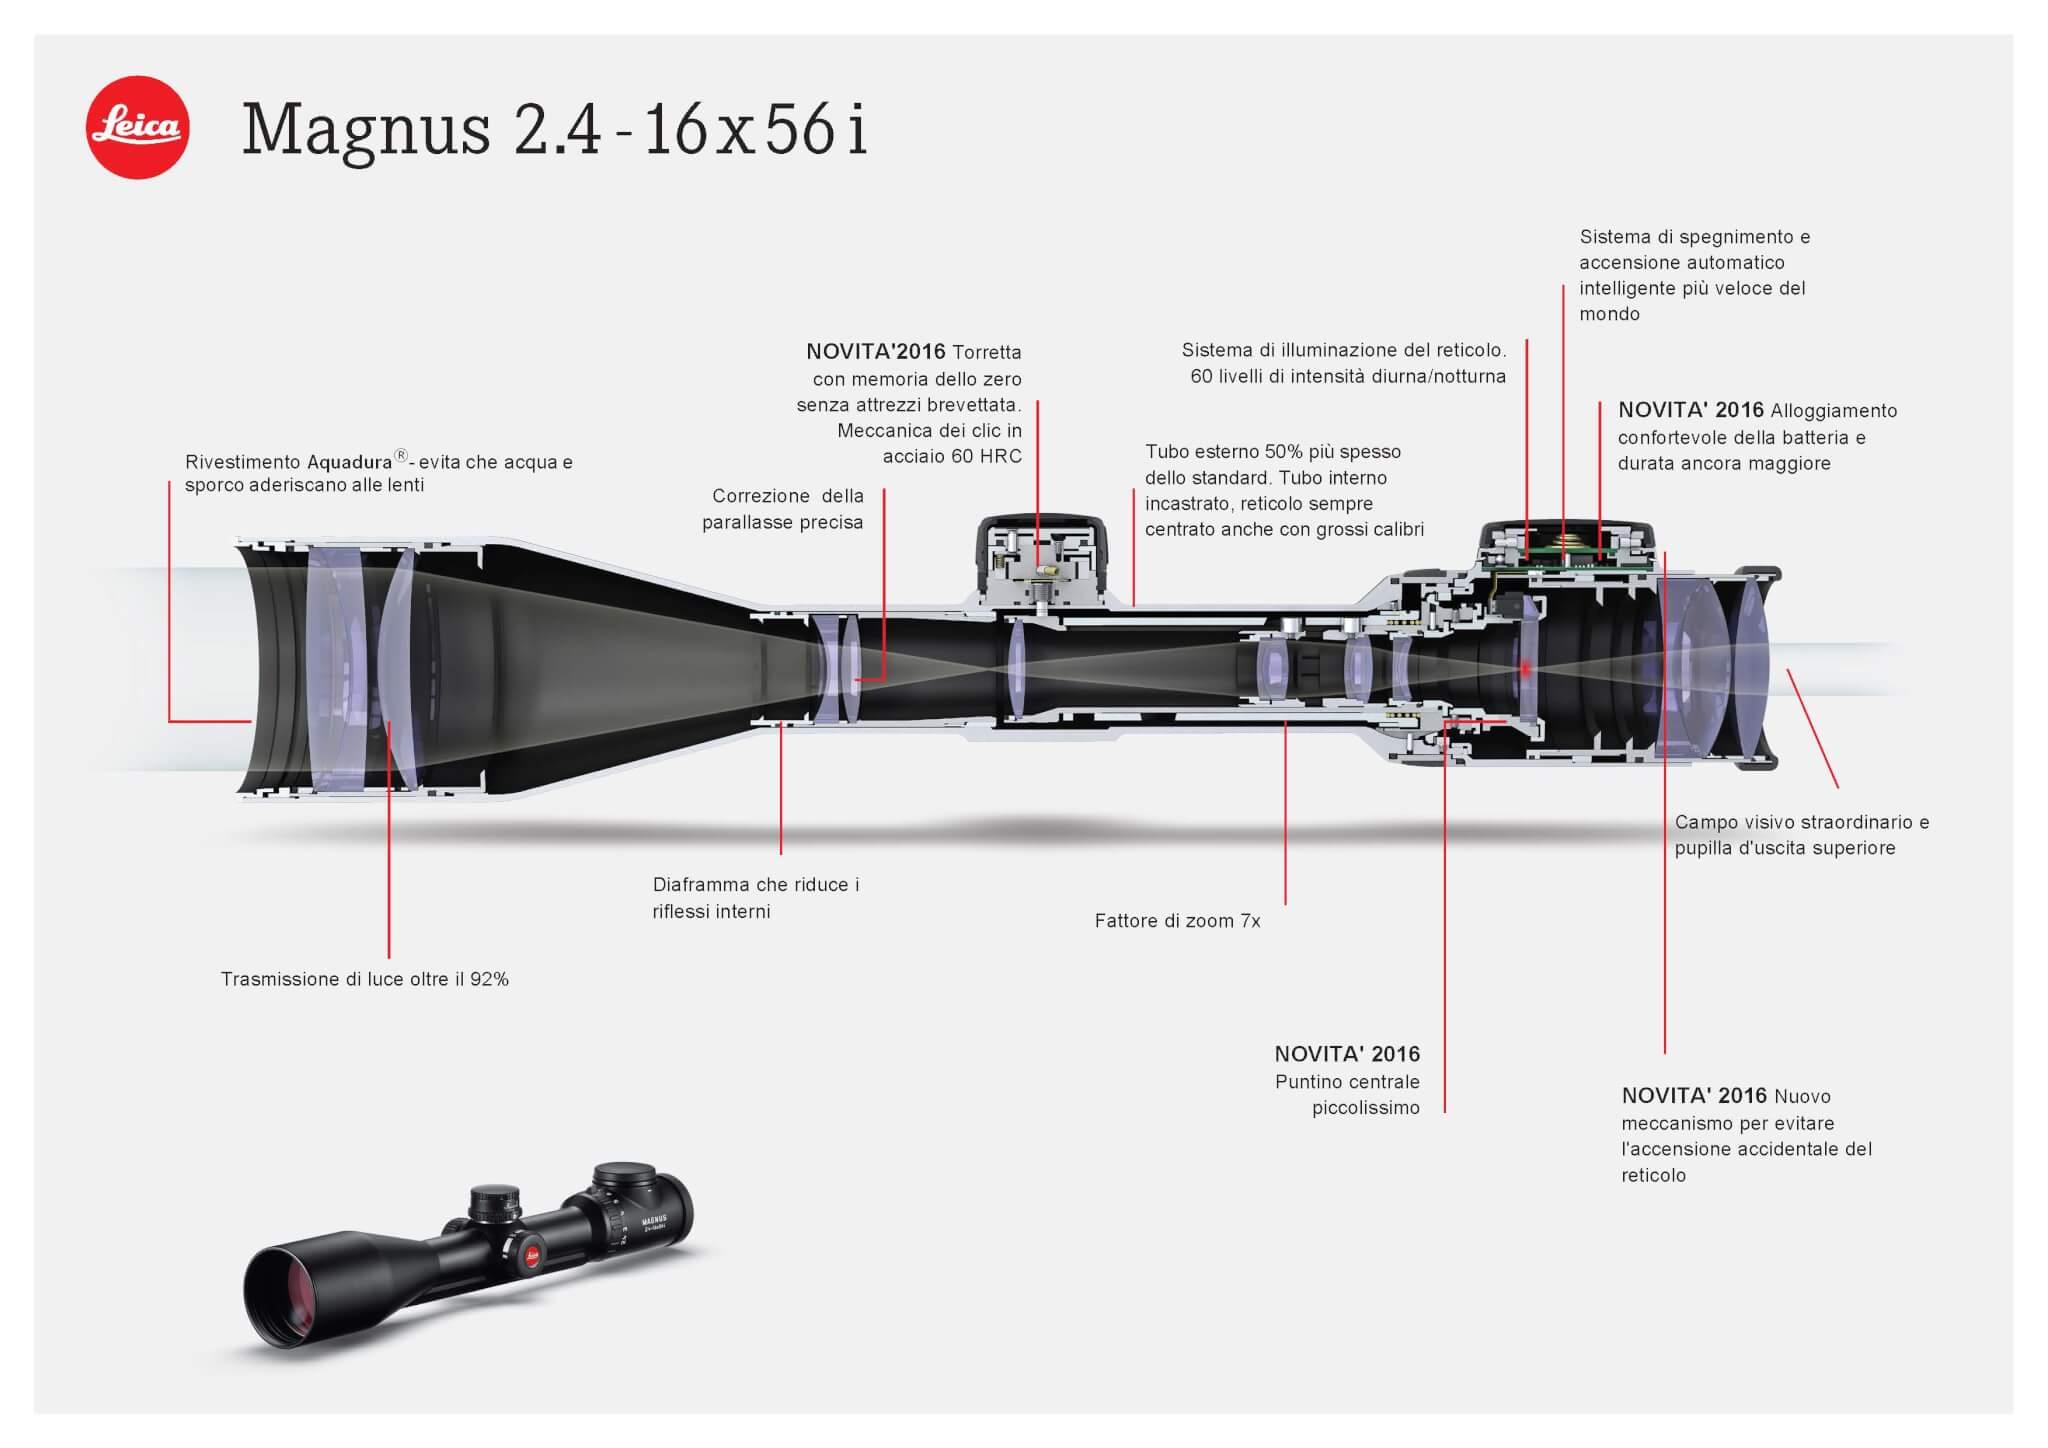 """Il Magnus """"i"""", qui nel modello da 56mm di obiettivo, con le novità e tutte le caratteristiche di eccellenza già presenti nella serie Magnus"""